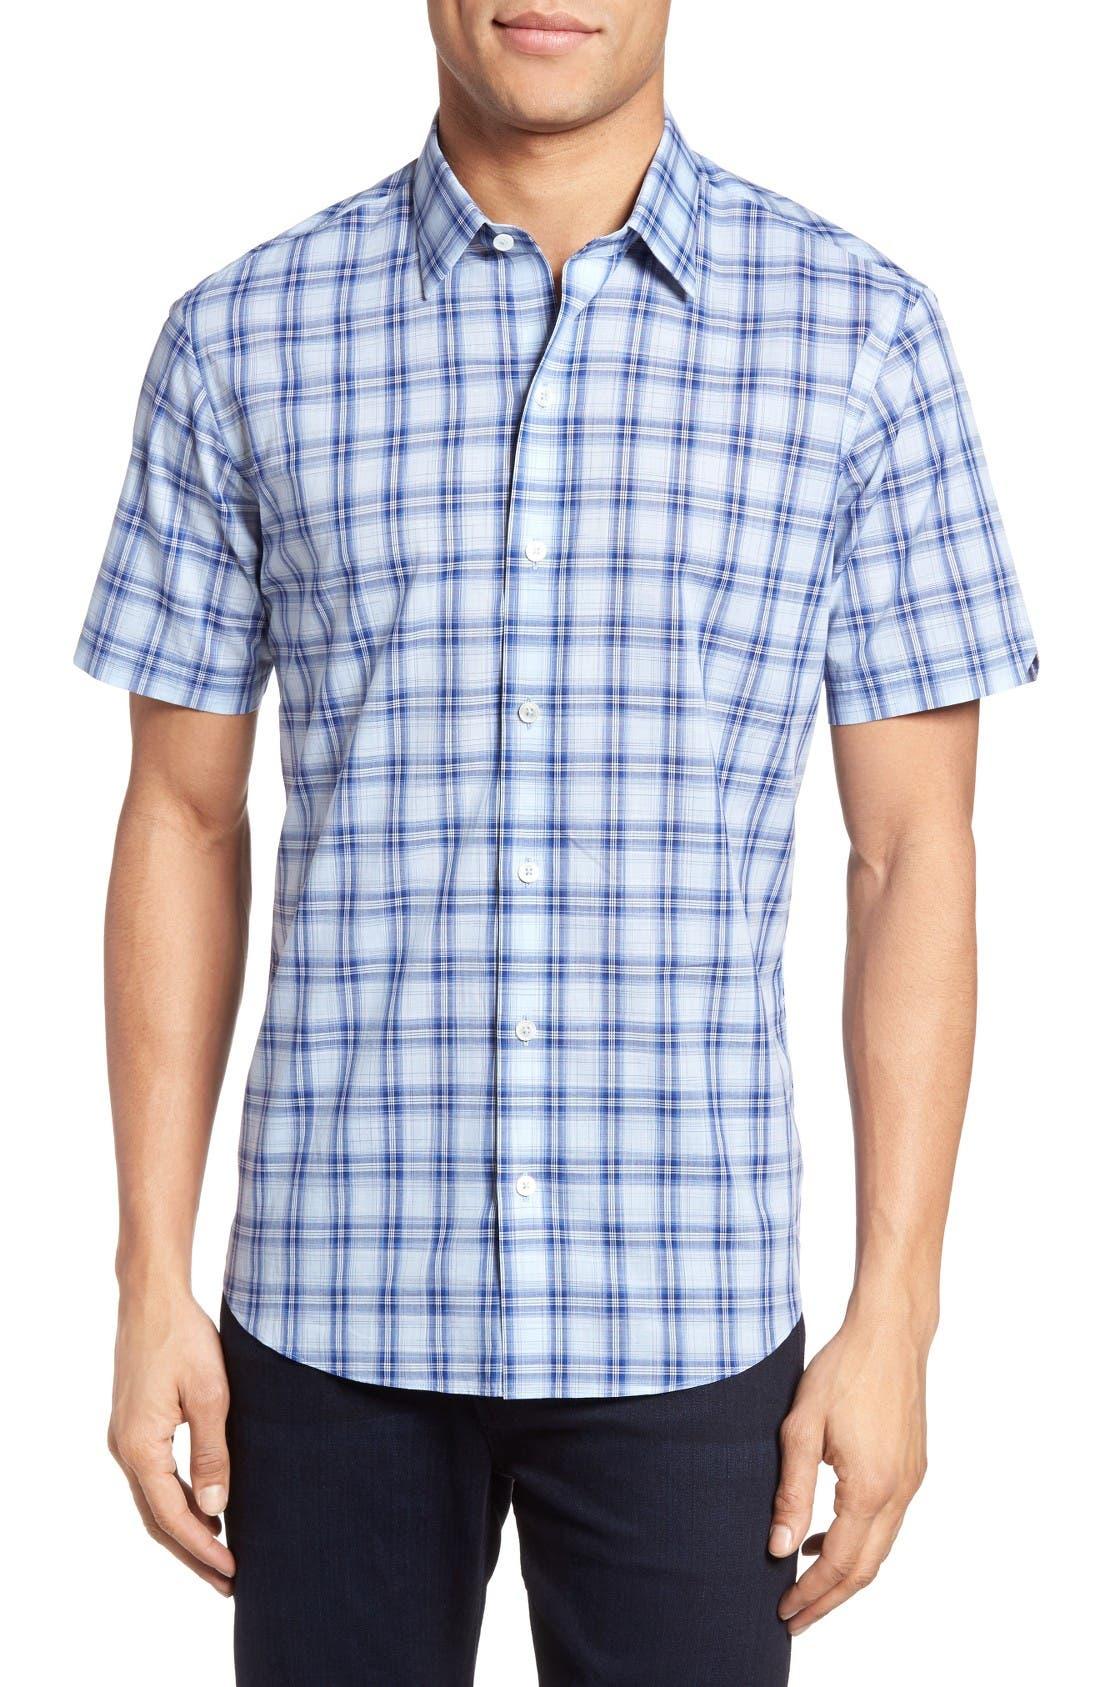 Hwang Trim Fit Plaid Sport Shirt,                         Main,                         color, Pale Blue